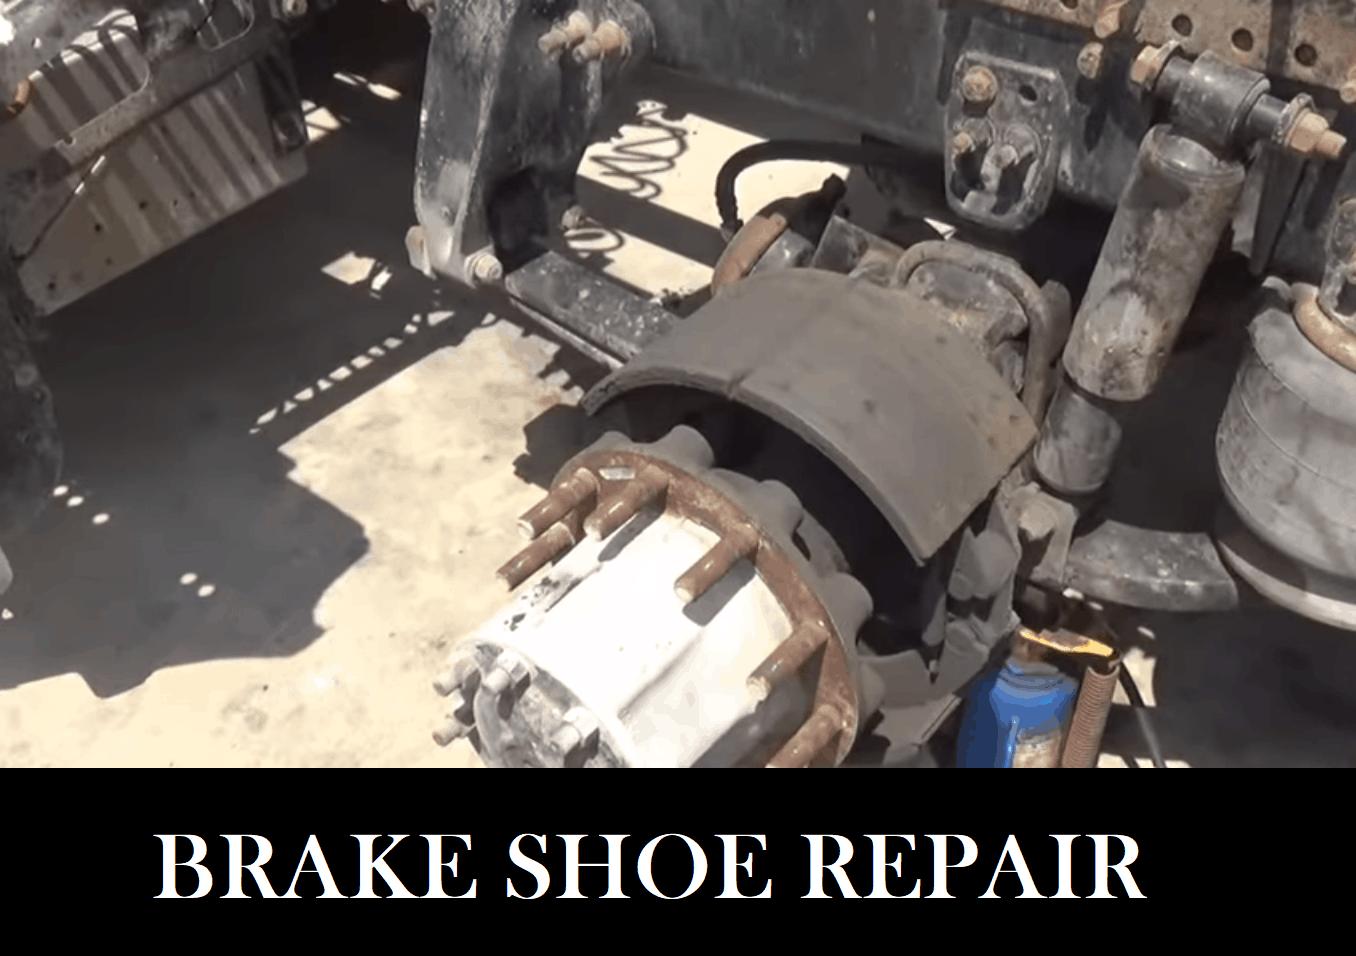 Big Truck Repair - Shoes Replacement